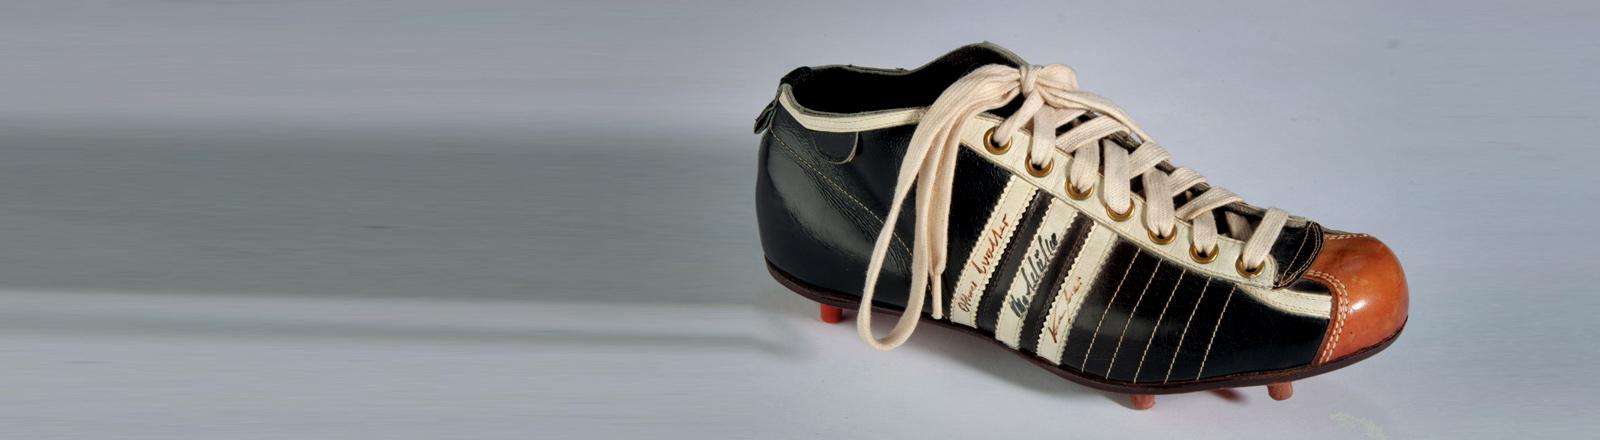 Der Fußballschuh von Fritz Walter aus dem Jahr 1954.